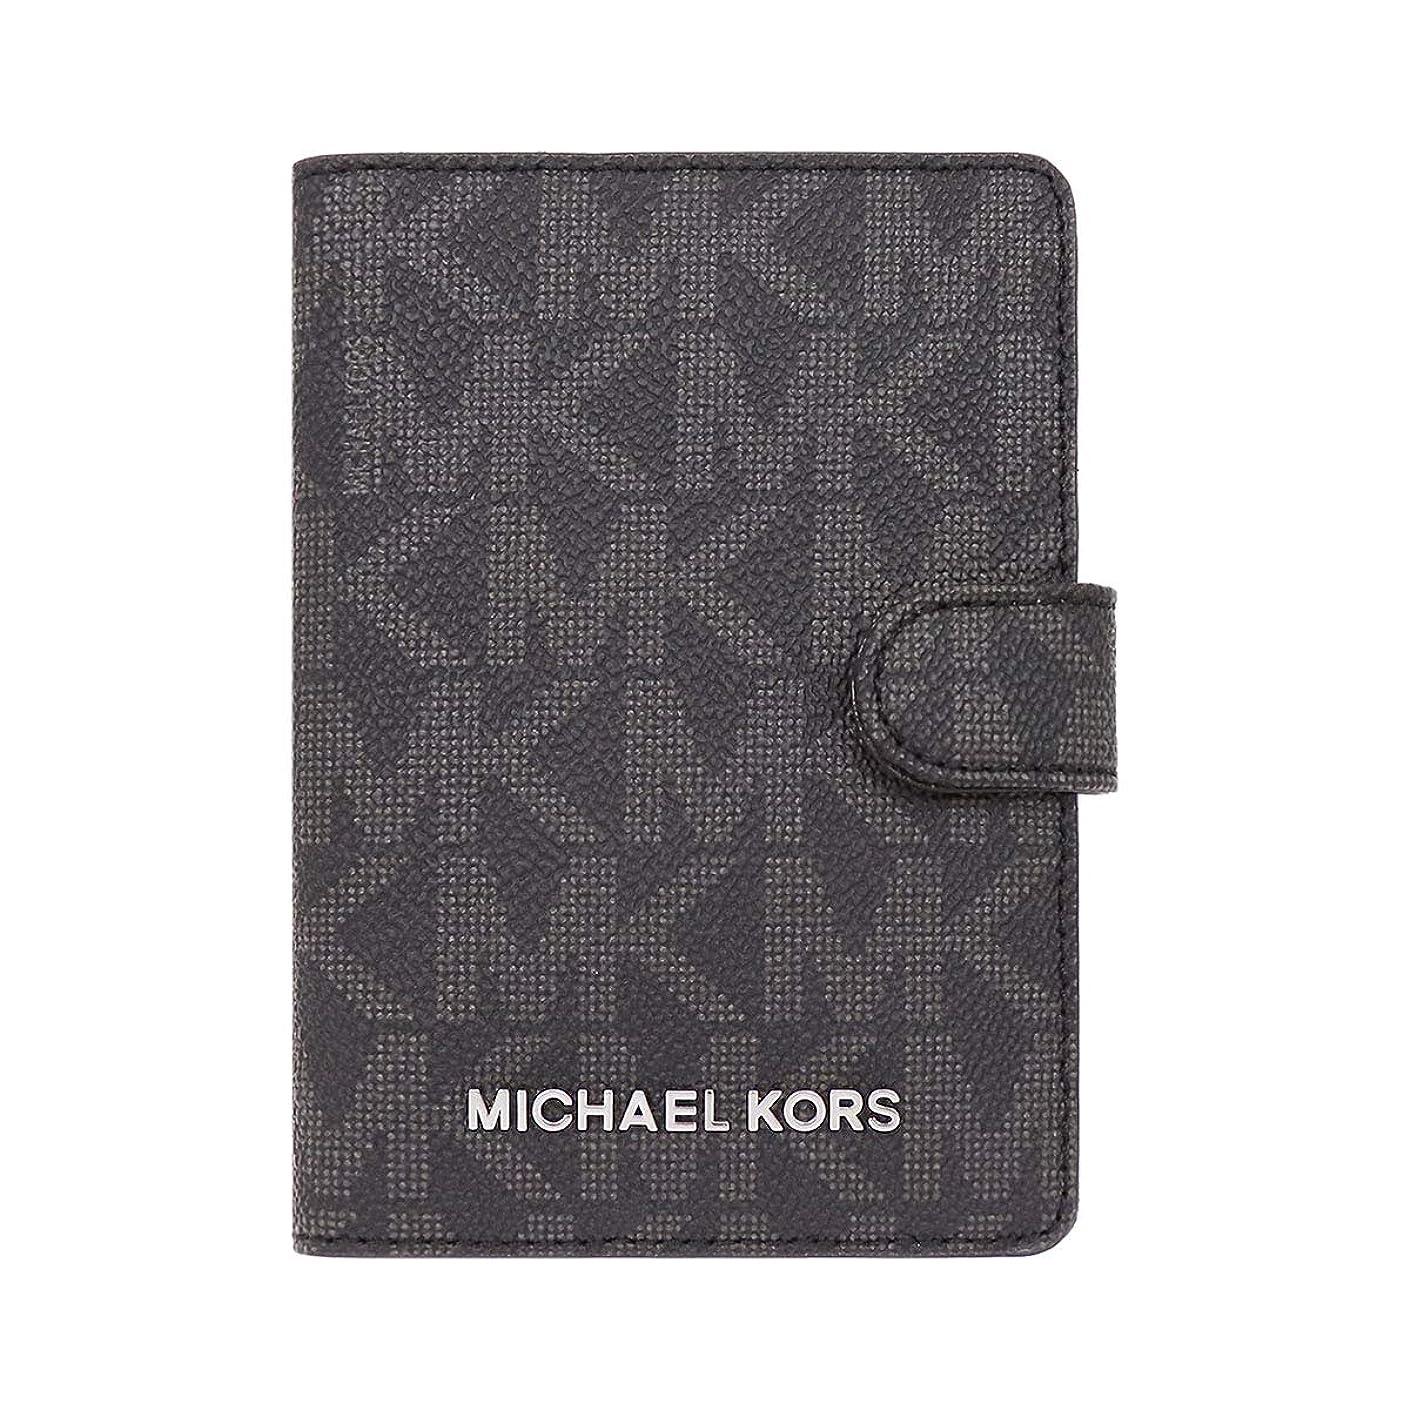 空ボクシング賄賂[マイケルコース] MICHAEL KORS 小物 (カードケース) 35H7STVT2B ブラック BLACK シグネチャー パスポート カードケース レディース [アウトレット品] [ブランド] [並行輸入品]